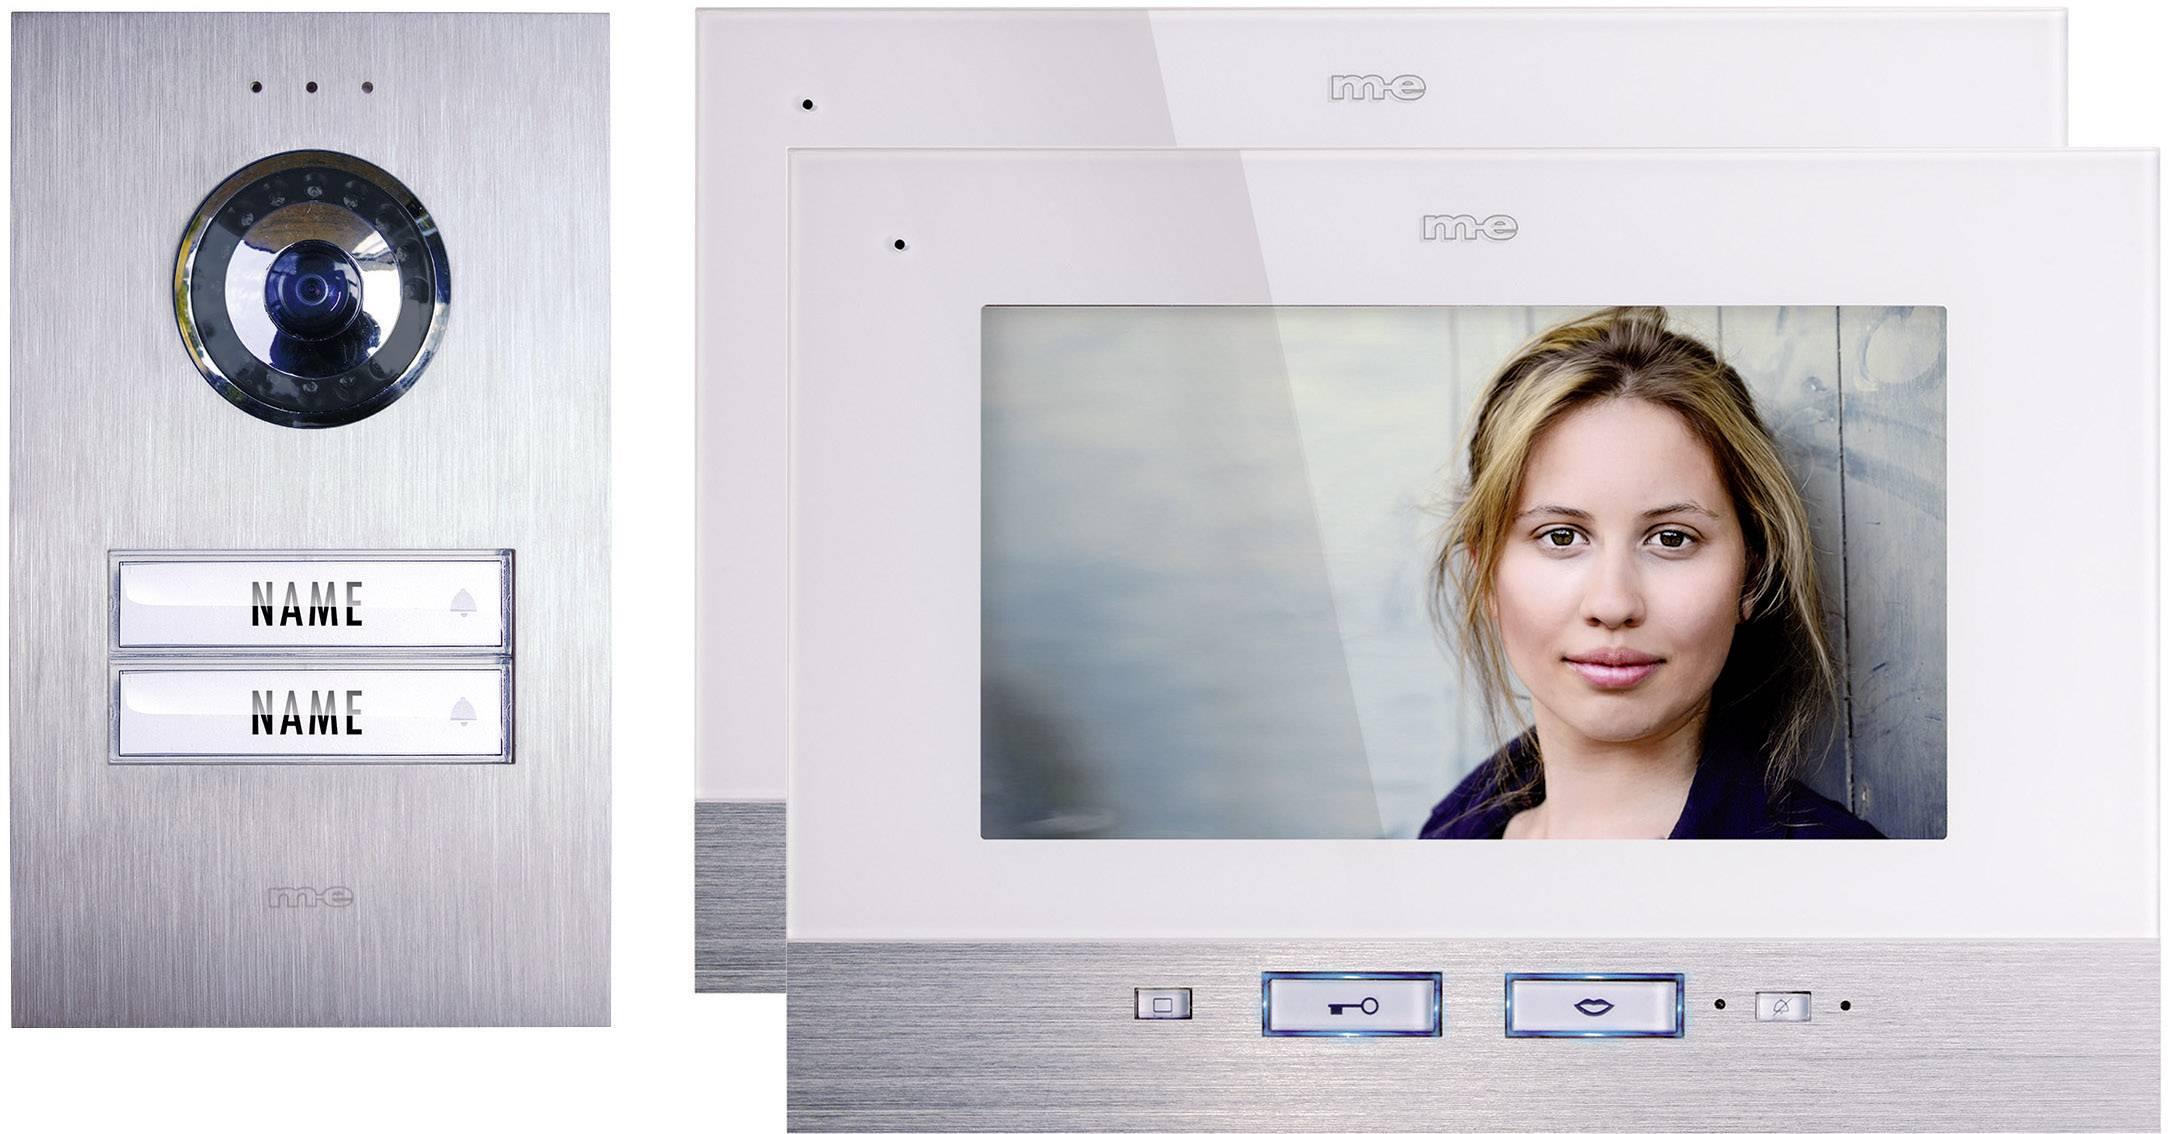 Káblový dverový telefón m-e modern-electronics, pre 2 domácnosti, strieborná, biela, kompletný set